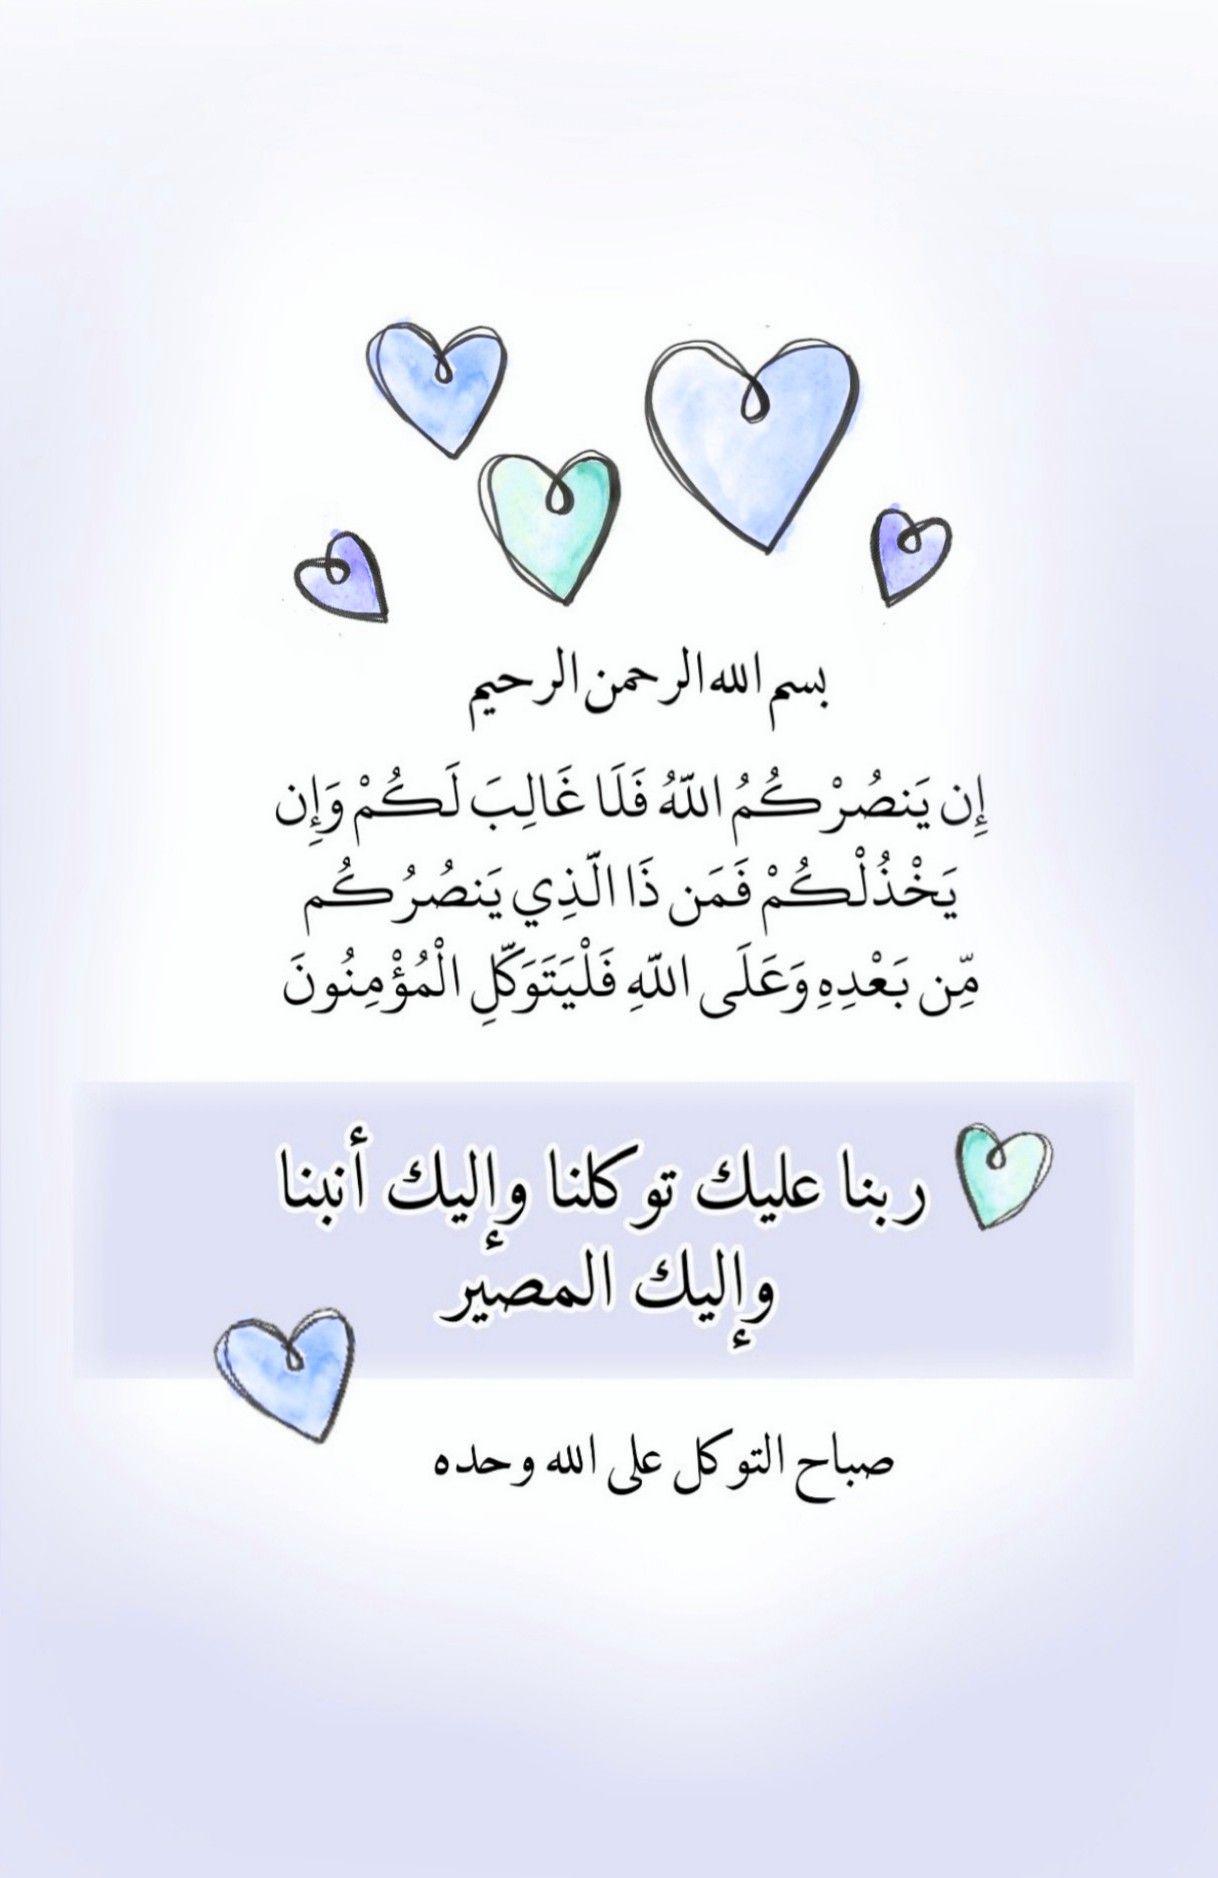 بسم الله الرحمن الرحيم إن ينصركم